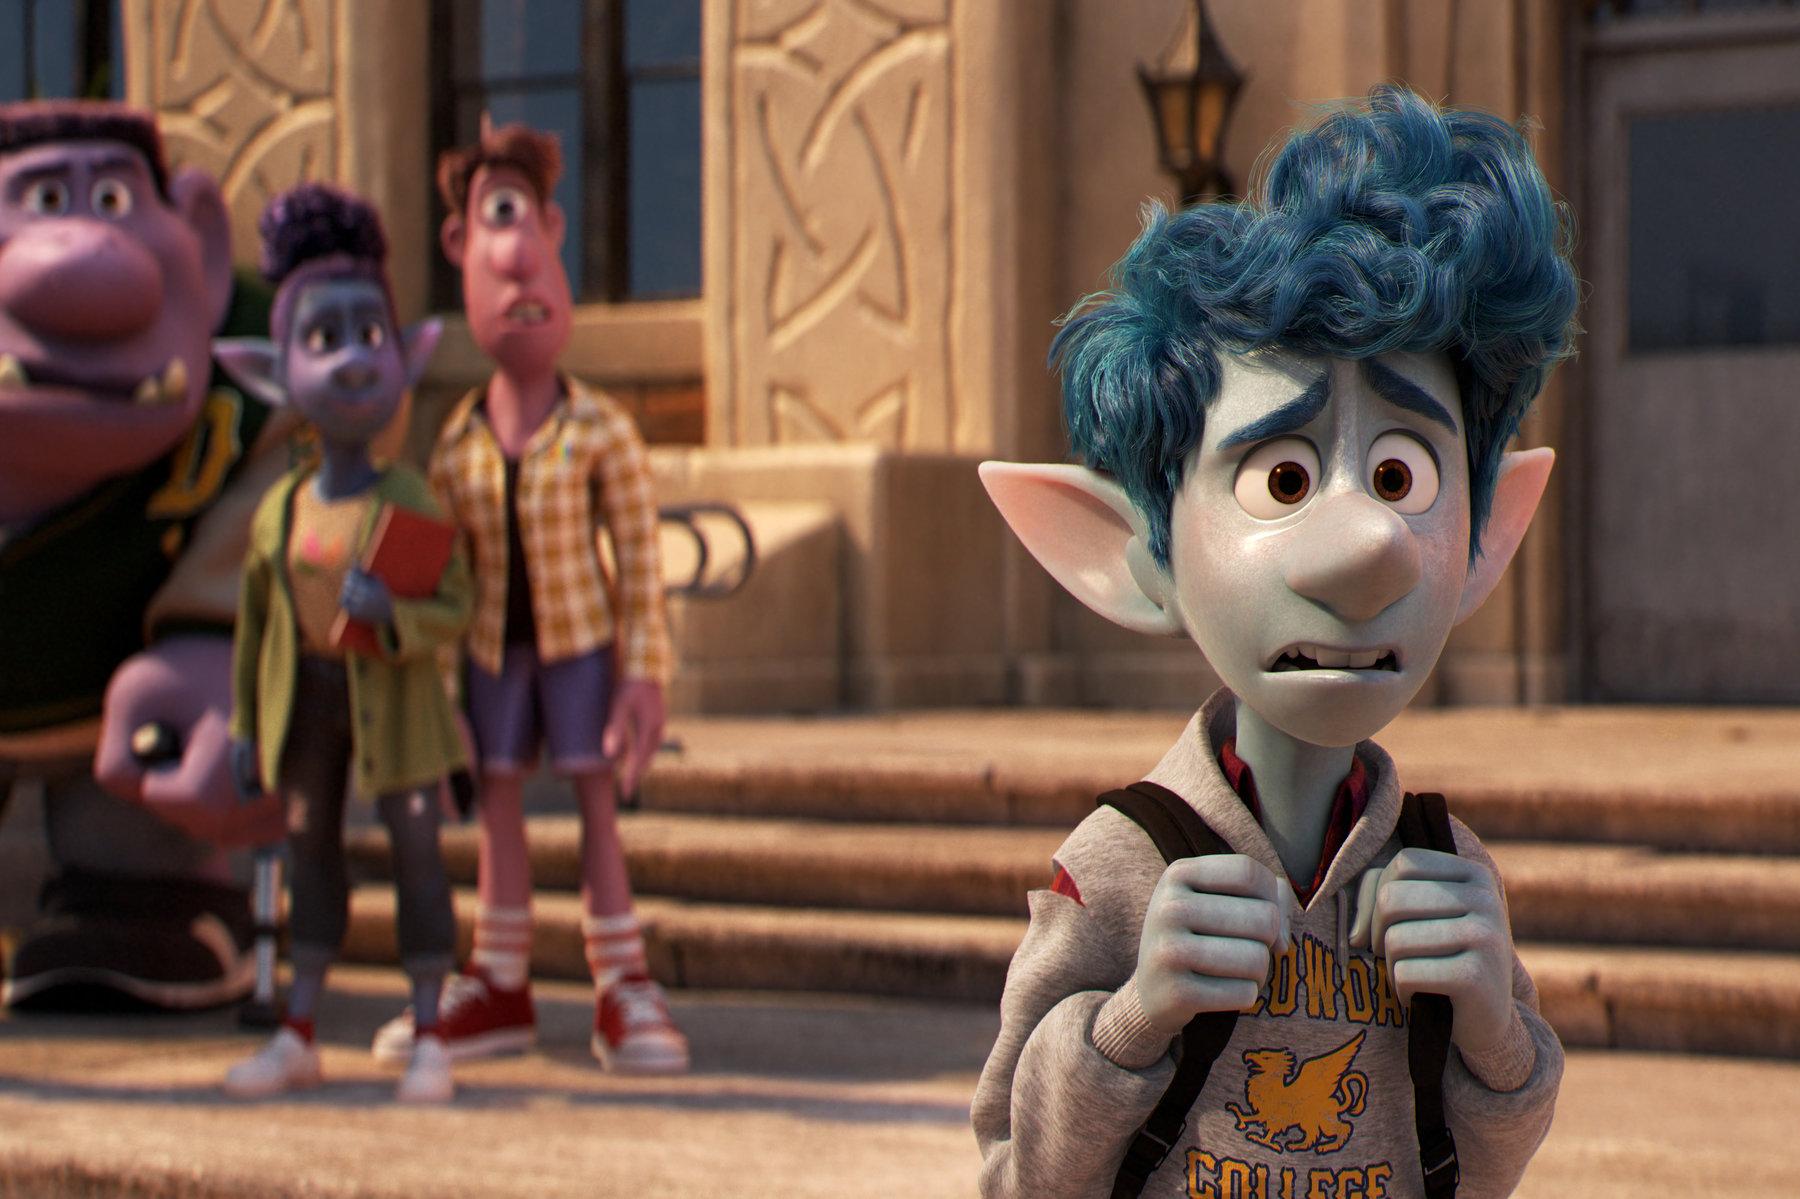 Вперед (Onward) Pixar